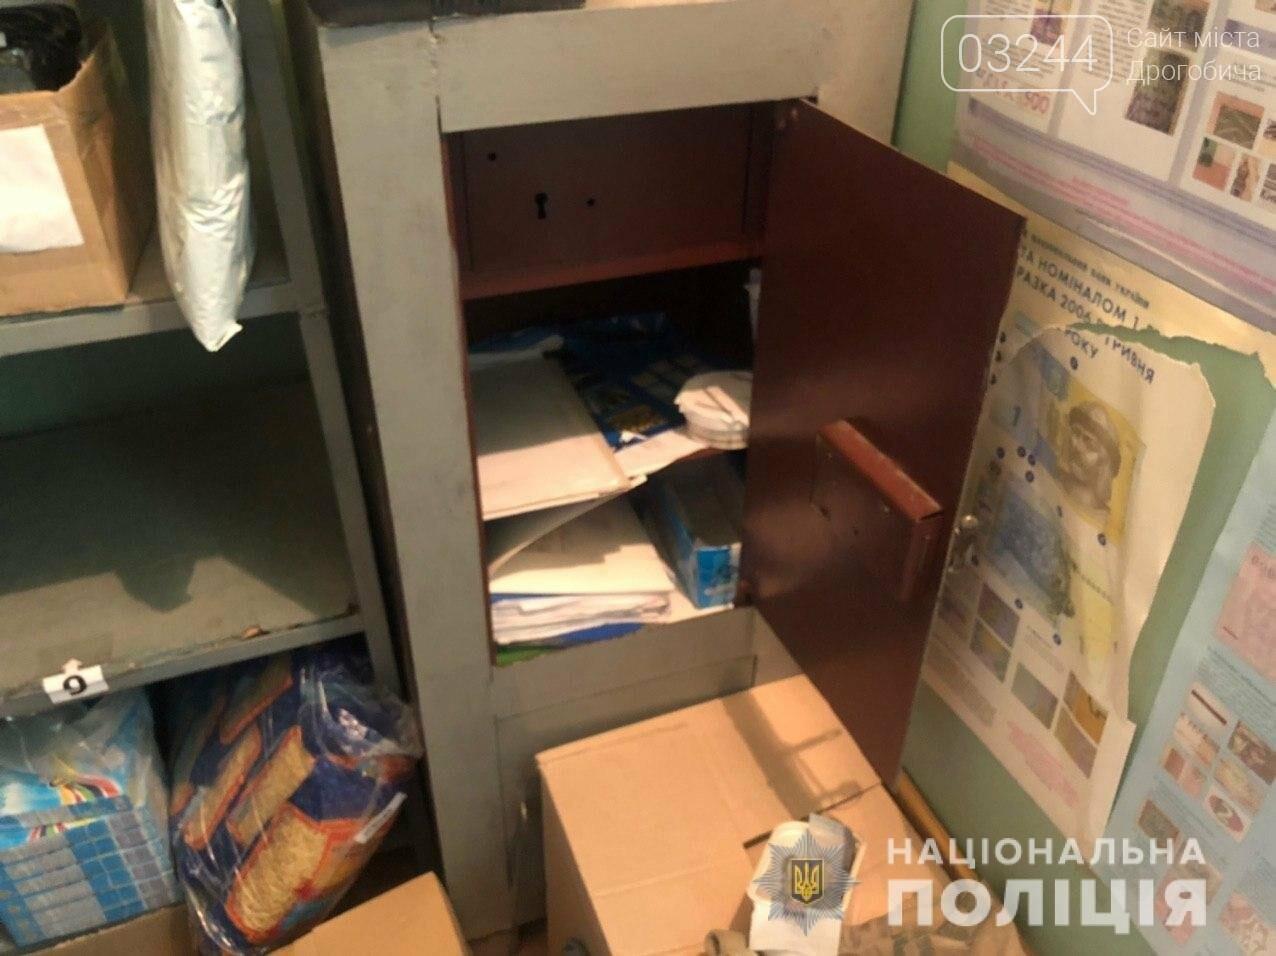 Невідомий озброївся палицею і пограбував відділення «Укрпошти», - ФОТО, фото-1